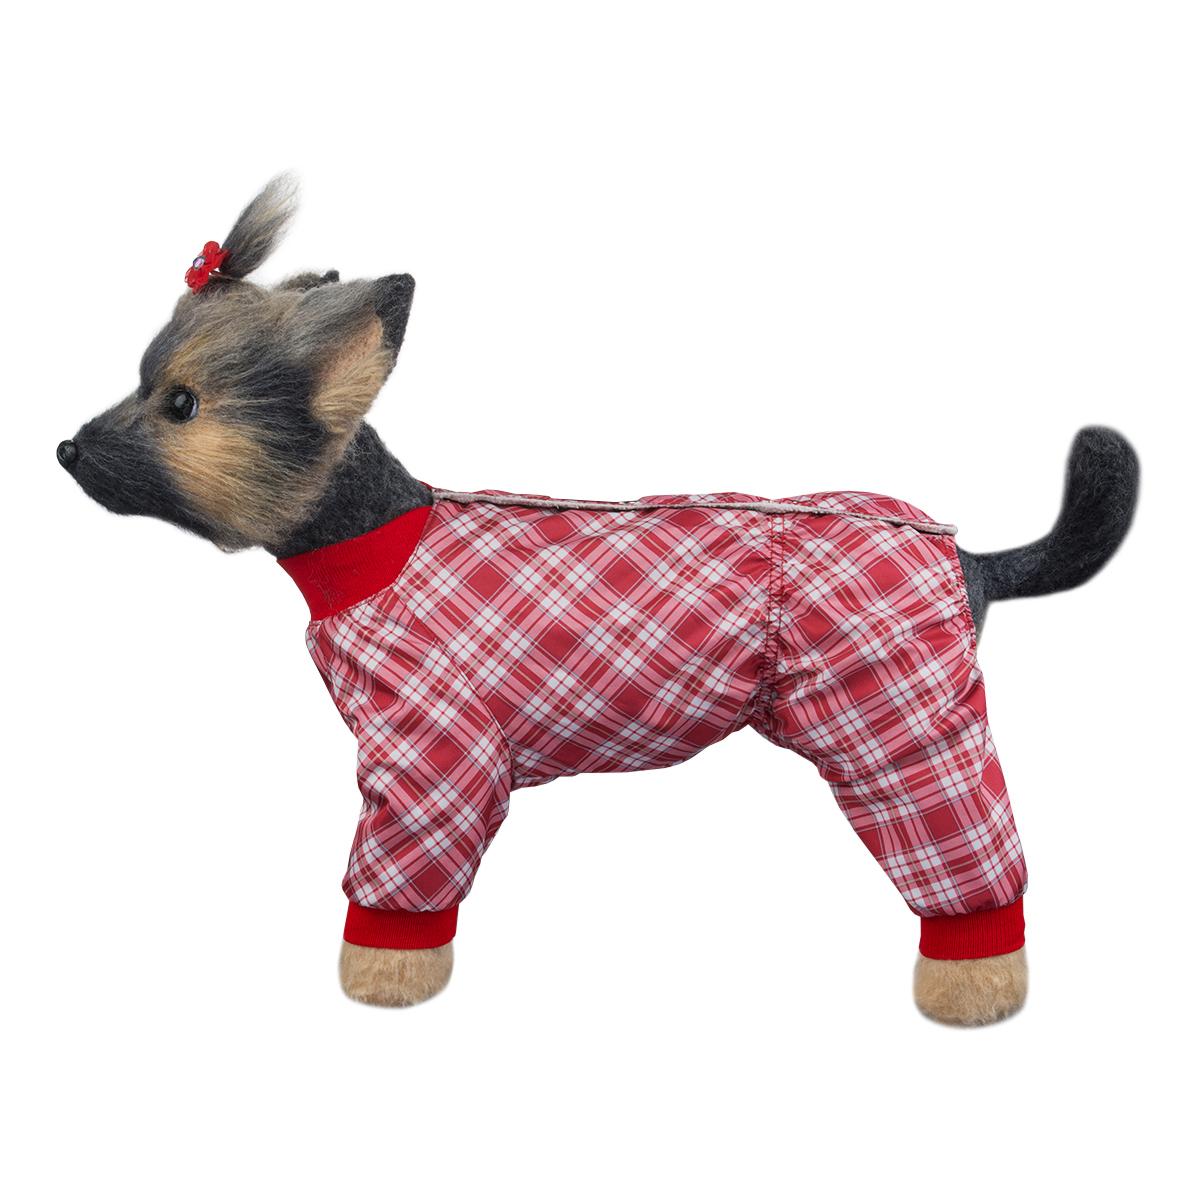 Комбинезон для собак Dogmoda Клетка, для девочки, цвет: красный, белый. Размер 3 (L) комбинезон для собак dogmoda doggs зимний для девочки цвет фиолетовый размер xxl